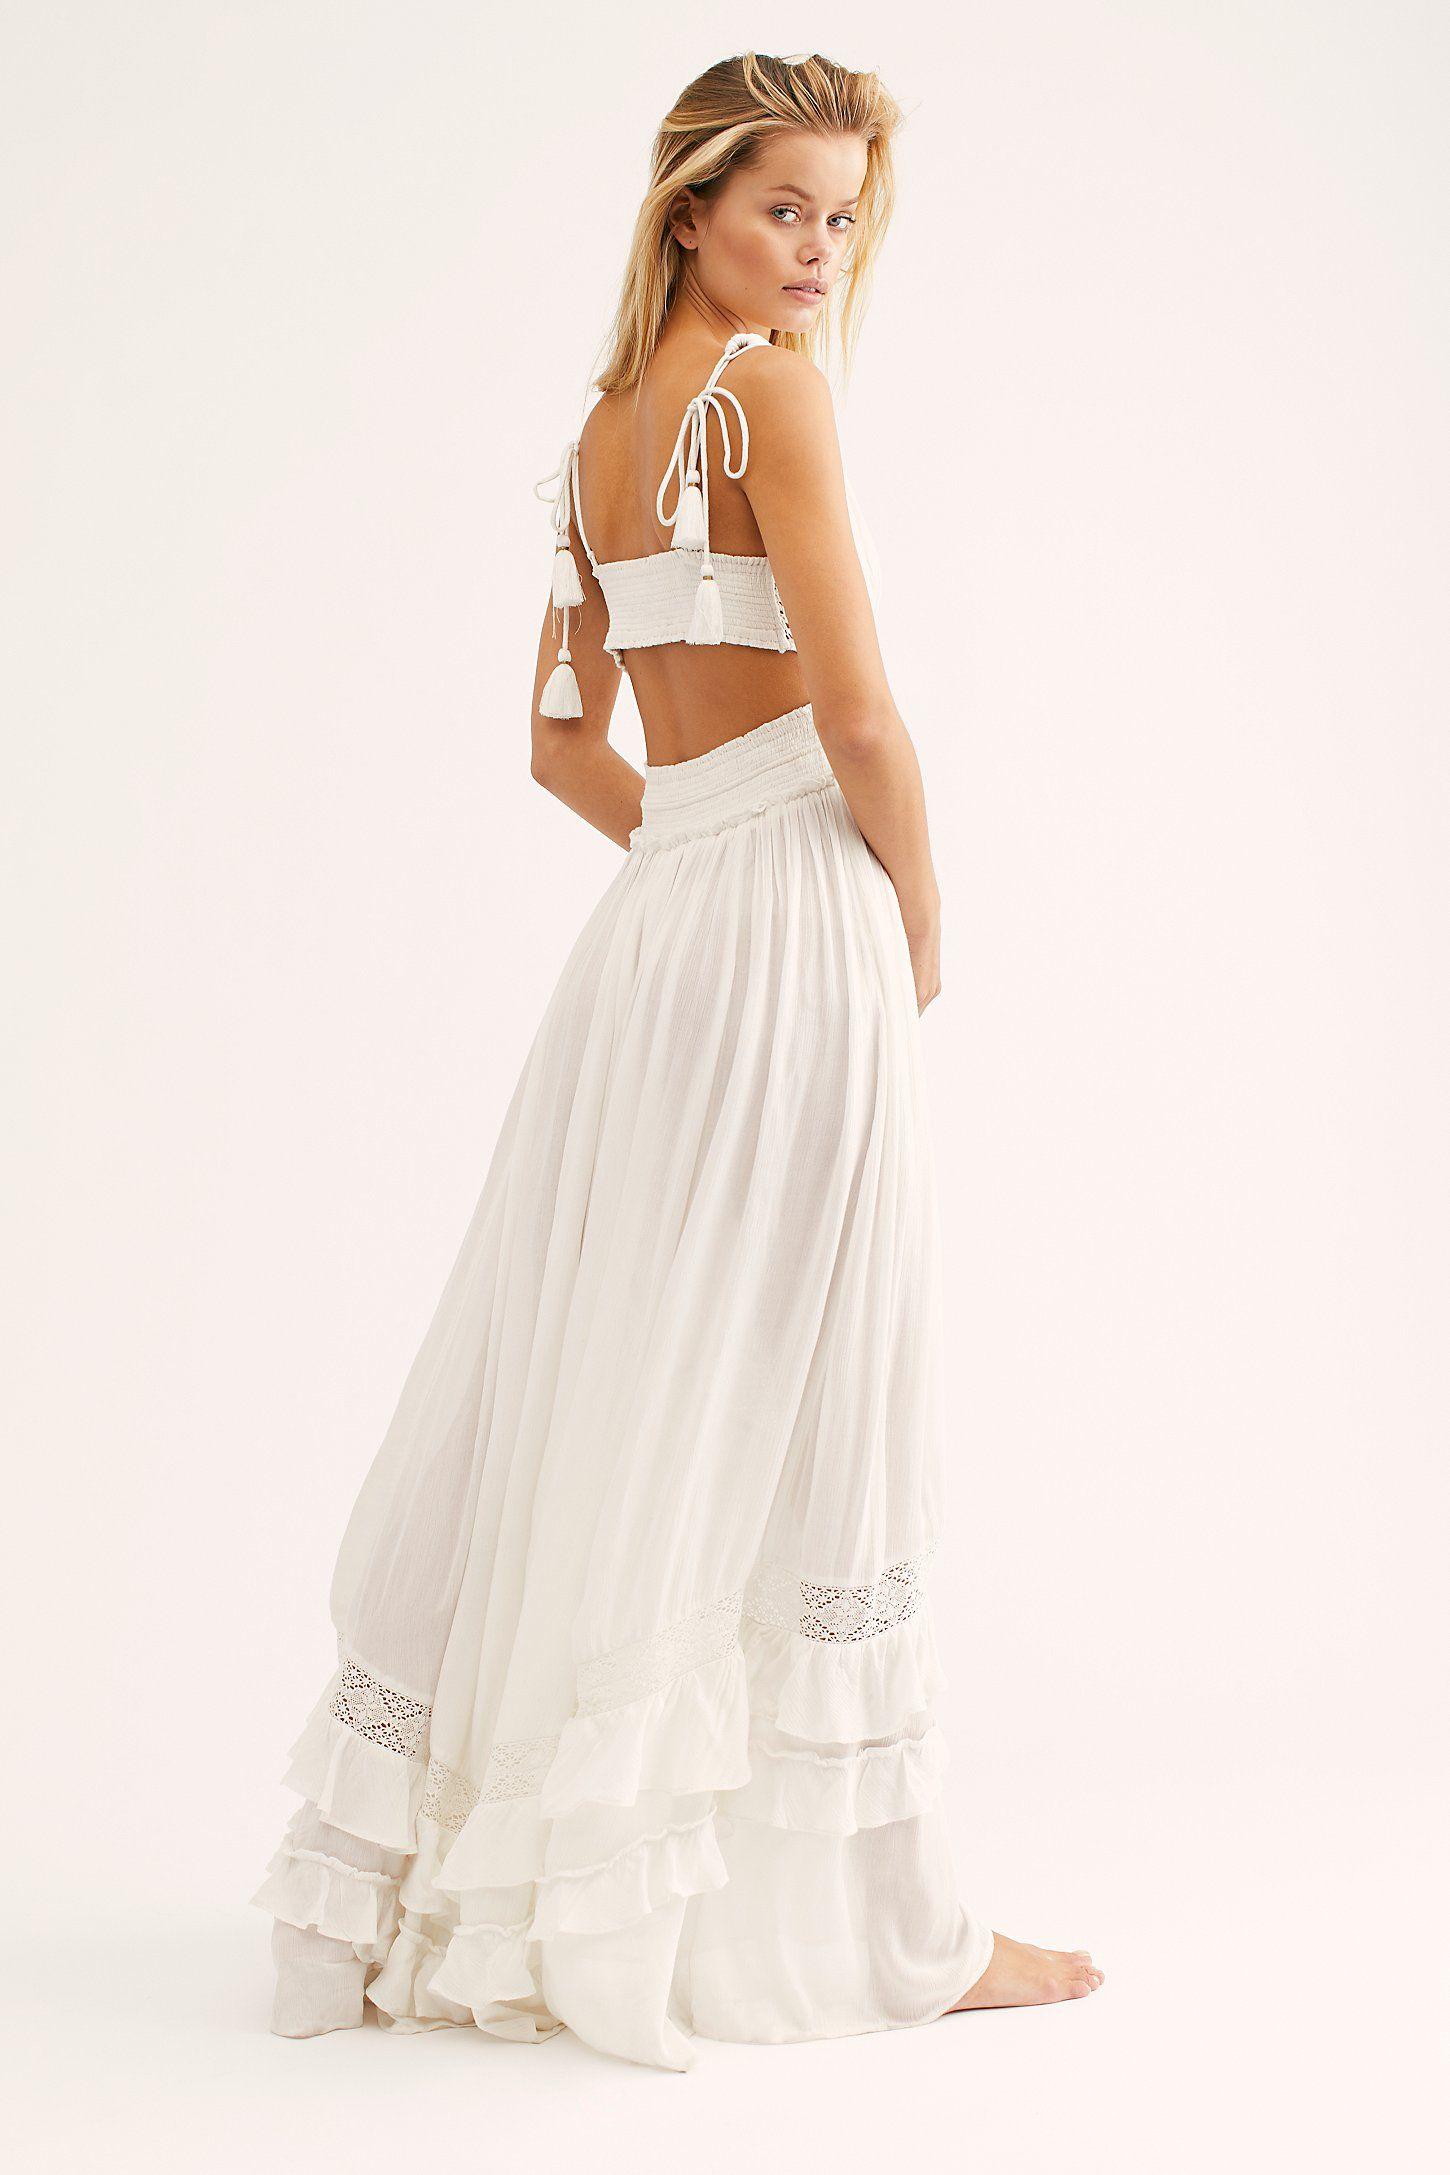 Santa Maria Maxi Dress In 2021 Summer Maxi Dress Dresses Maxi Dress [ 2175 x 1450 Pixel ]